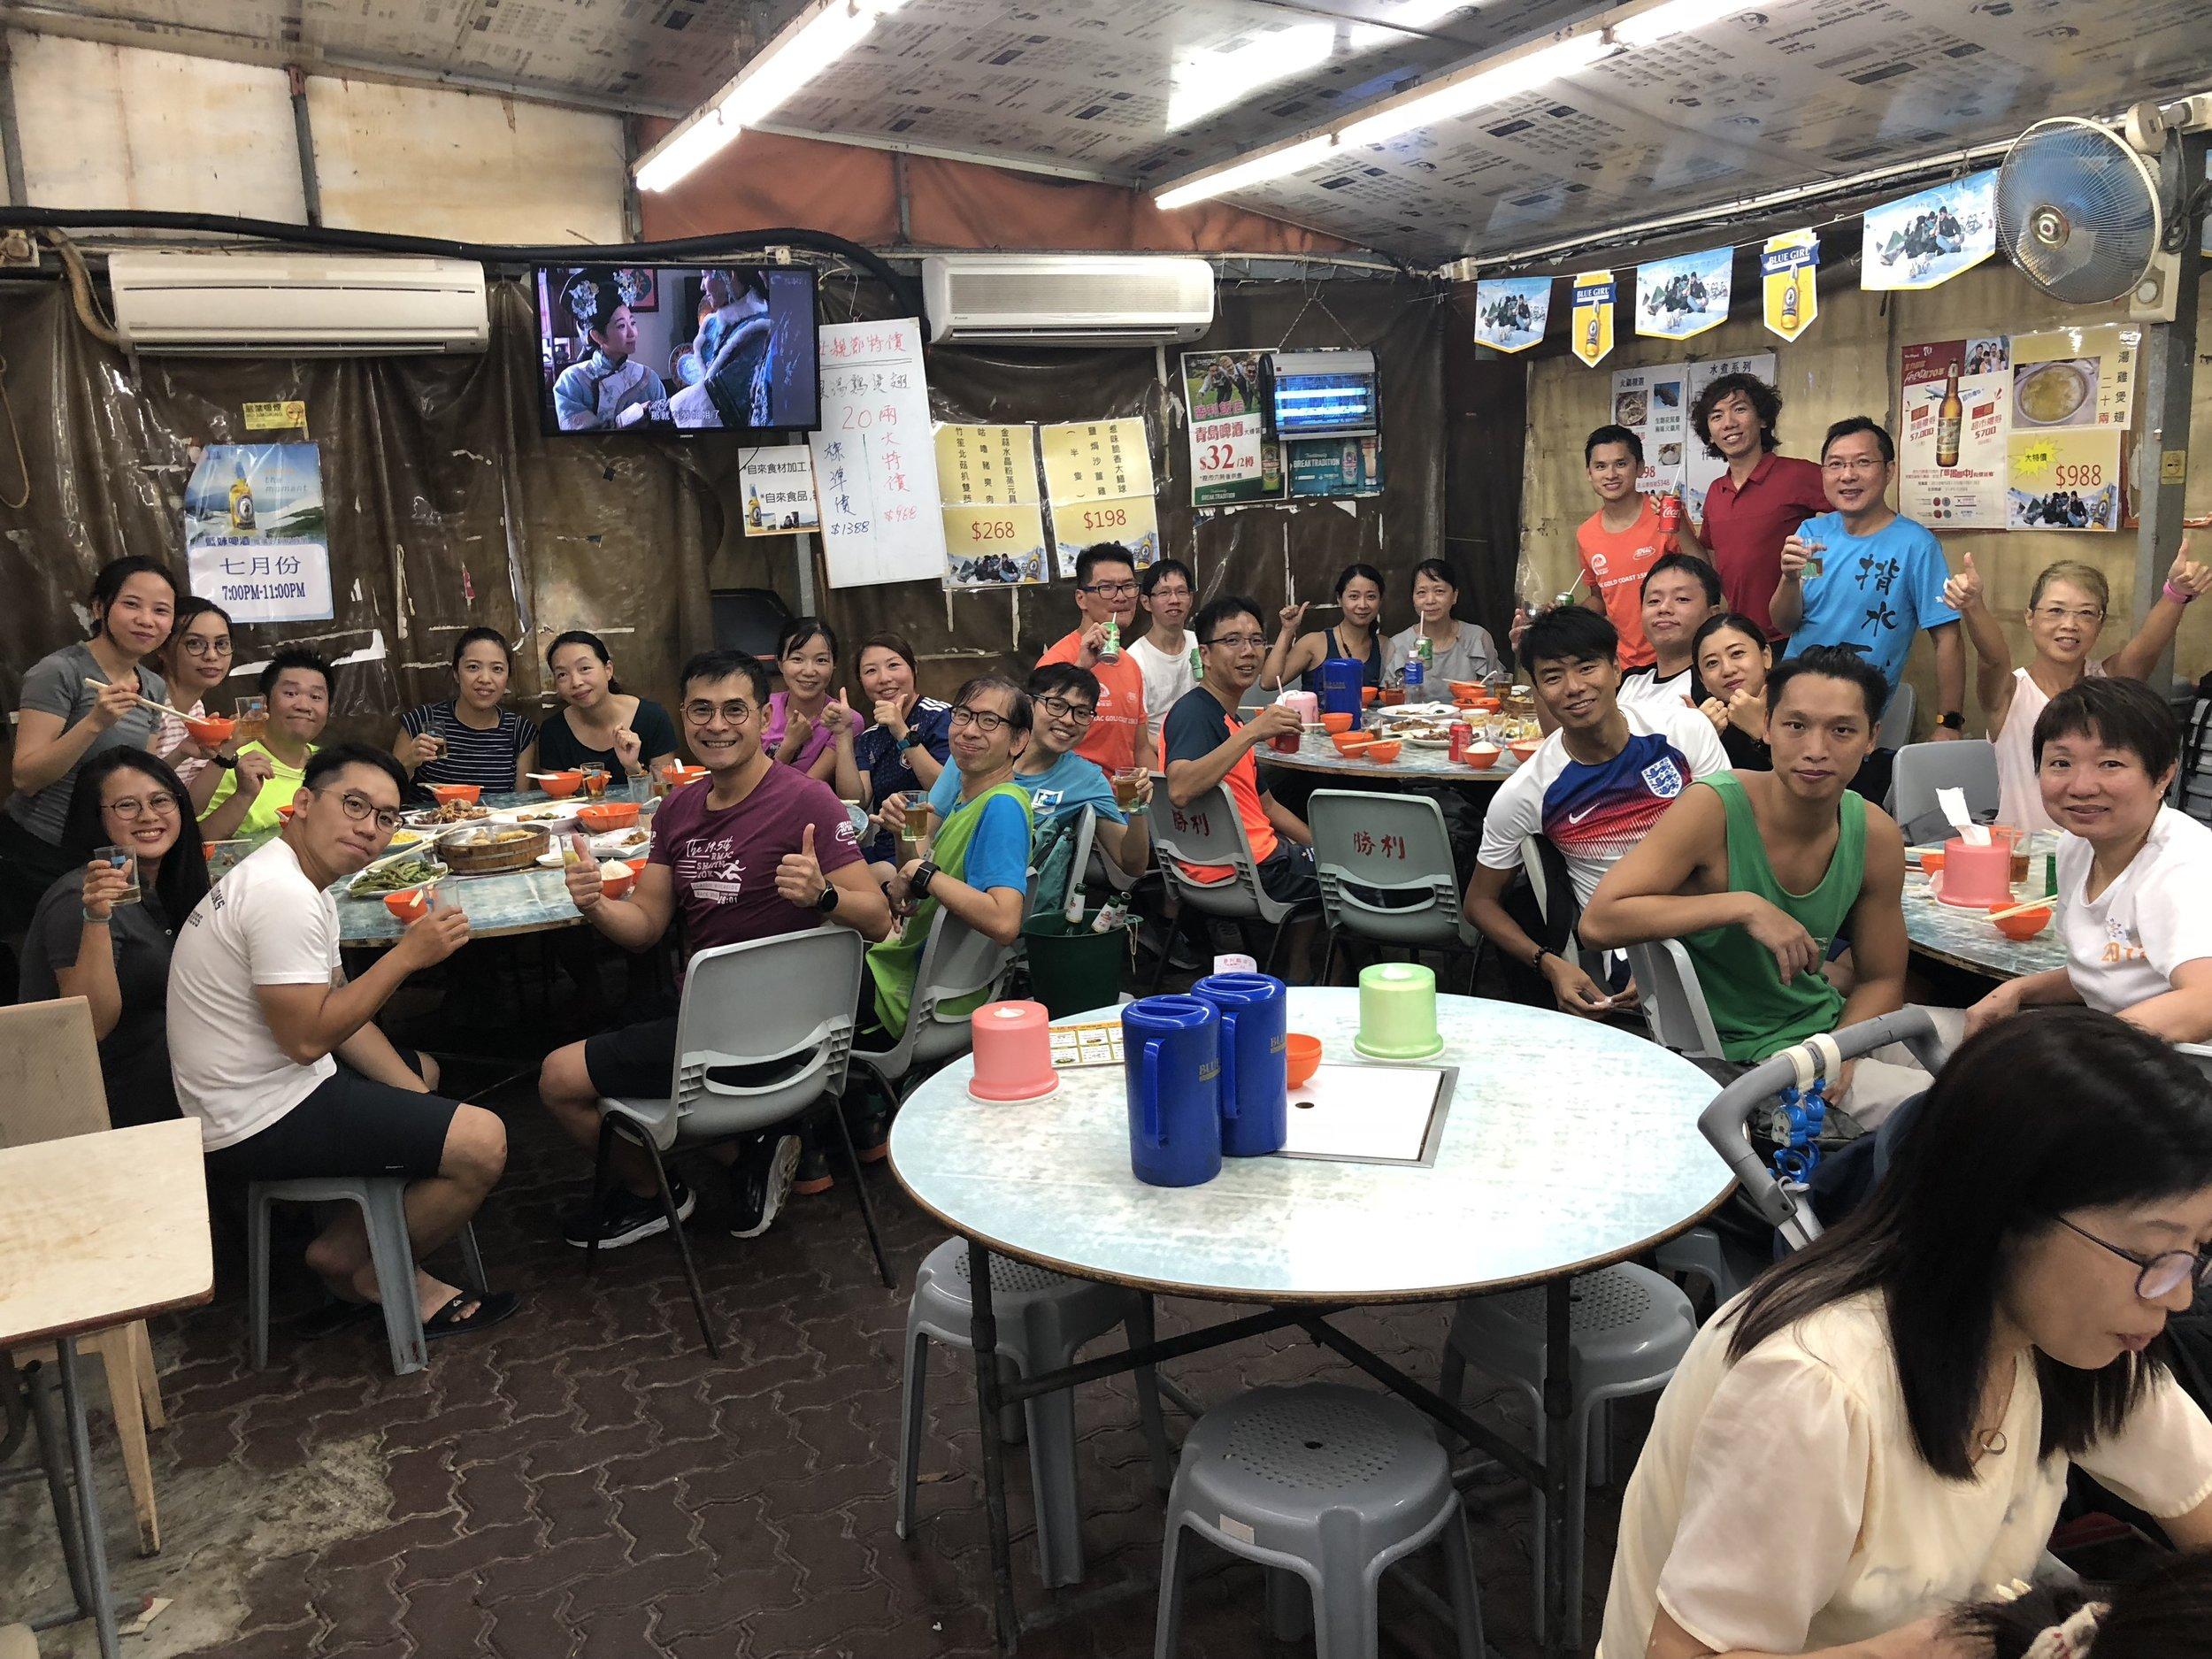 九龍灣班尾堂飯局 - 一期一會,感謝班長Steven,每一期最後一堂都會搞一個飯局,在老地方,即九龍灣運動場旁邊的冬菇亭開餐。呢一晚有三枱同學共聚,當中仲有即將為人父的豬紅大隊長添。